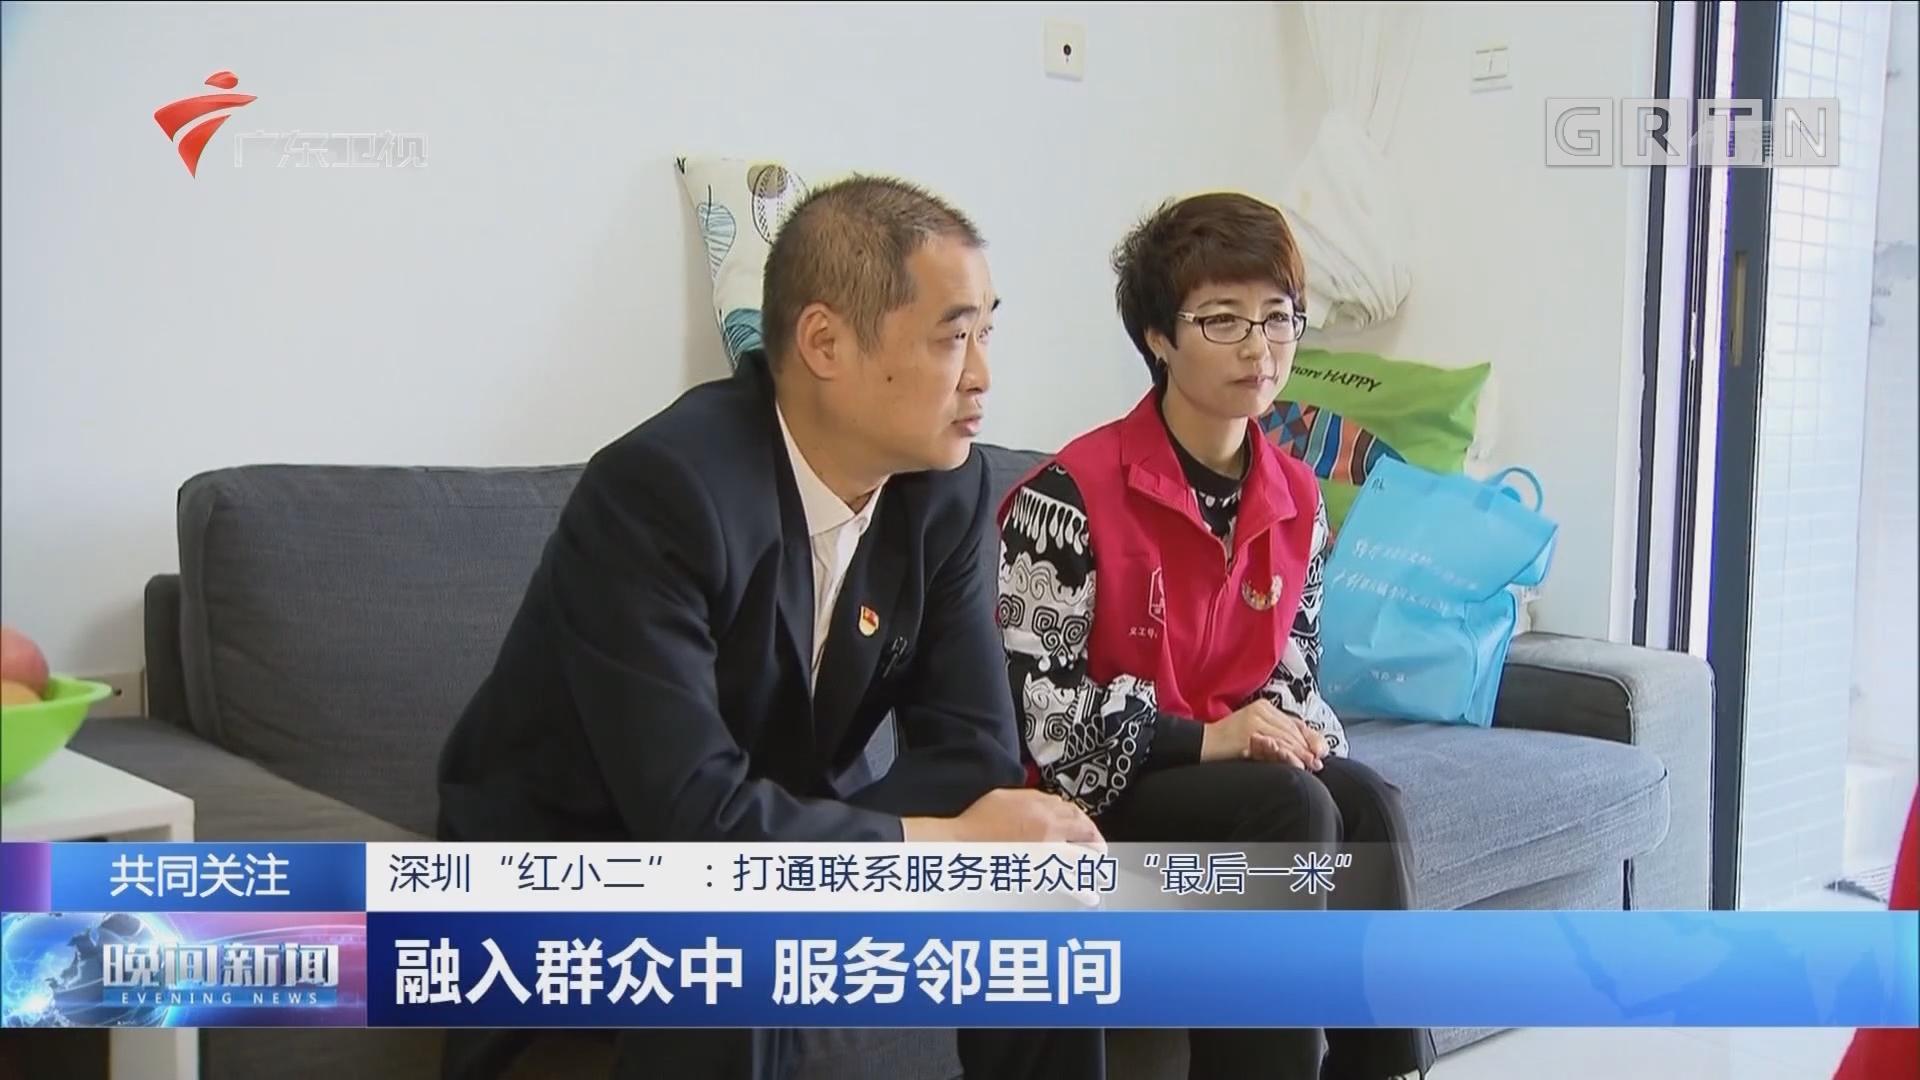 """深圳""""红小二"""":打通联系服务群众的""""最后一米"""" 融入群众中 服务邻里间"""